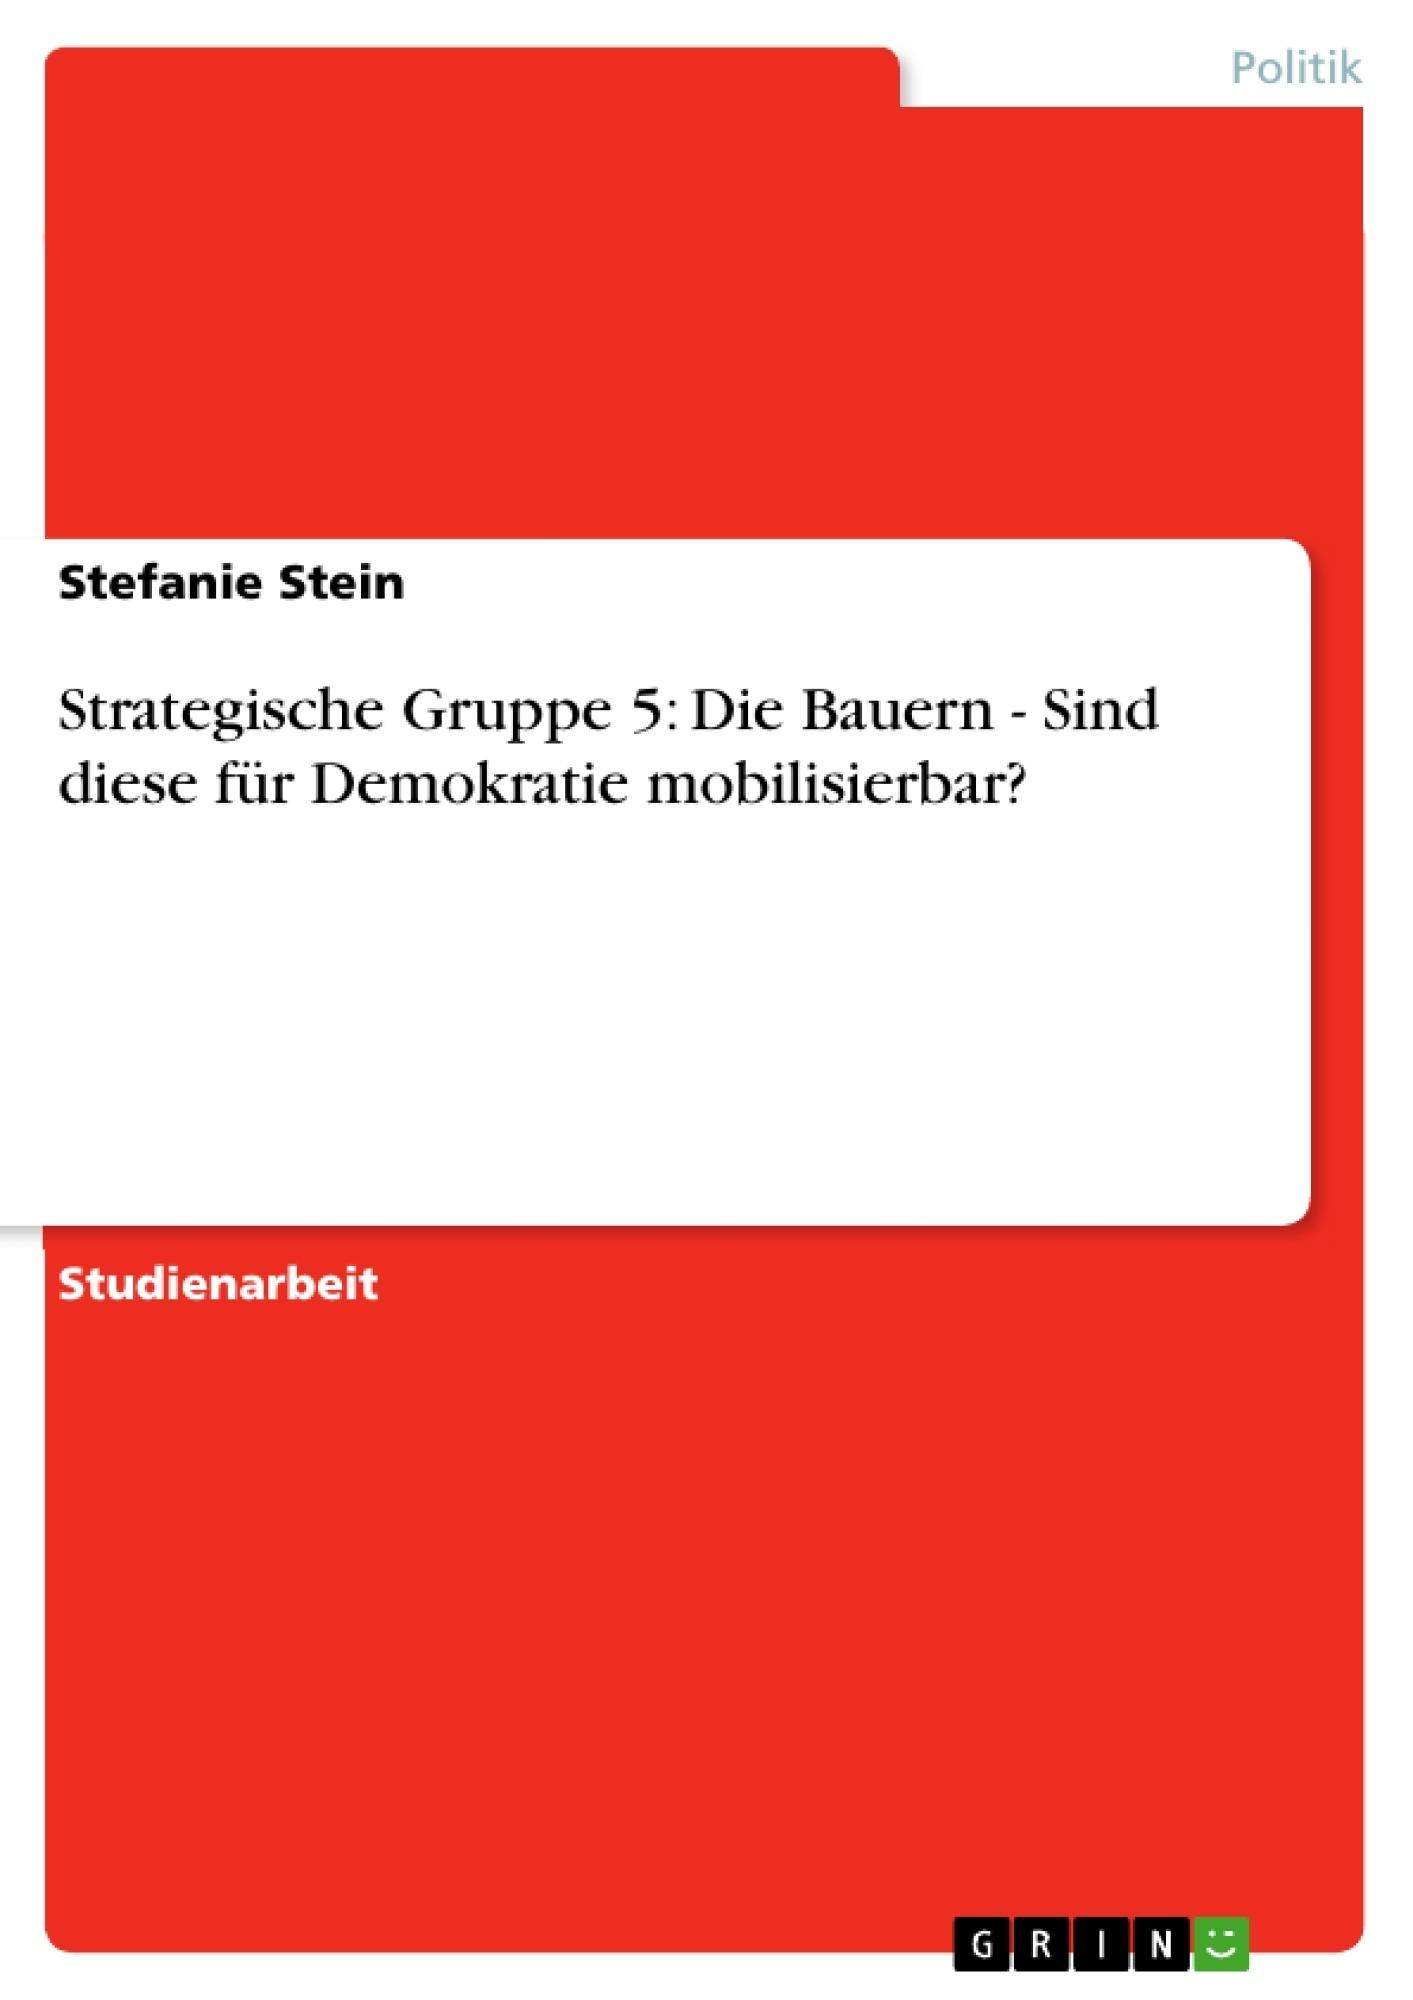 Titel: Strategische Gruppe 5: Die Bauern - Sind diese für Demokratie mobilisierbar?